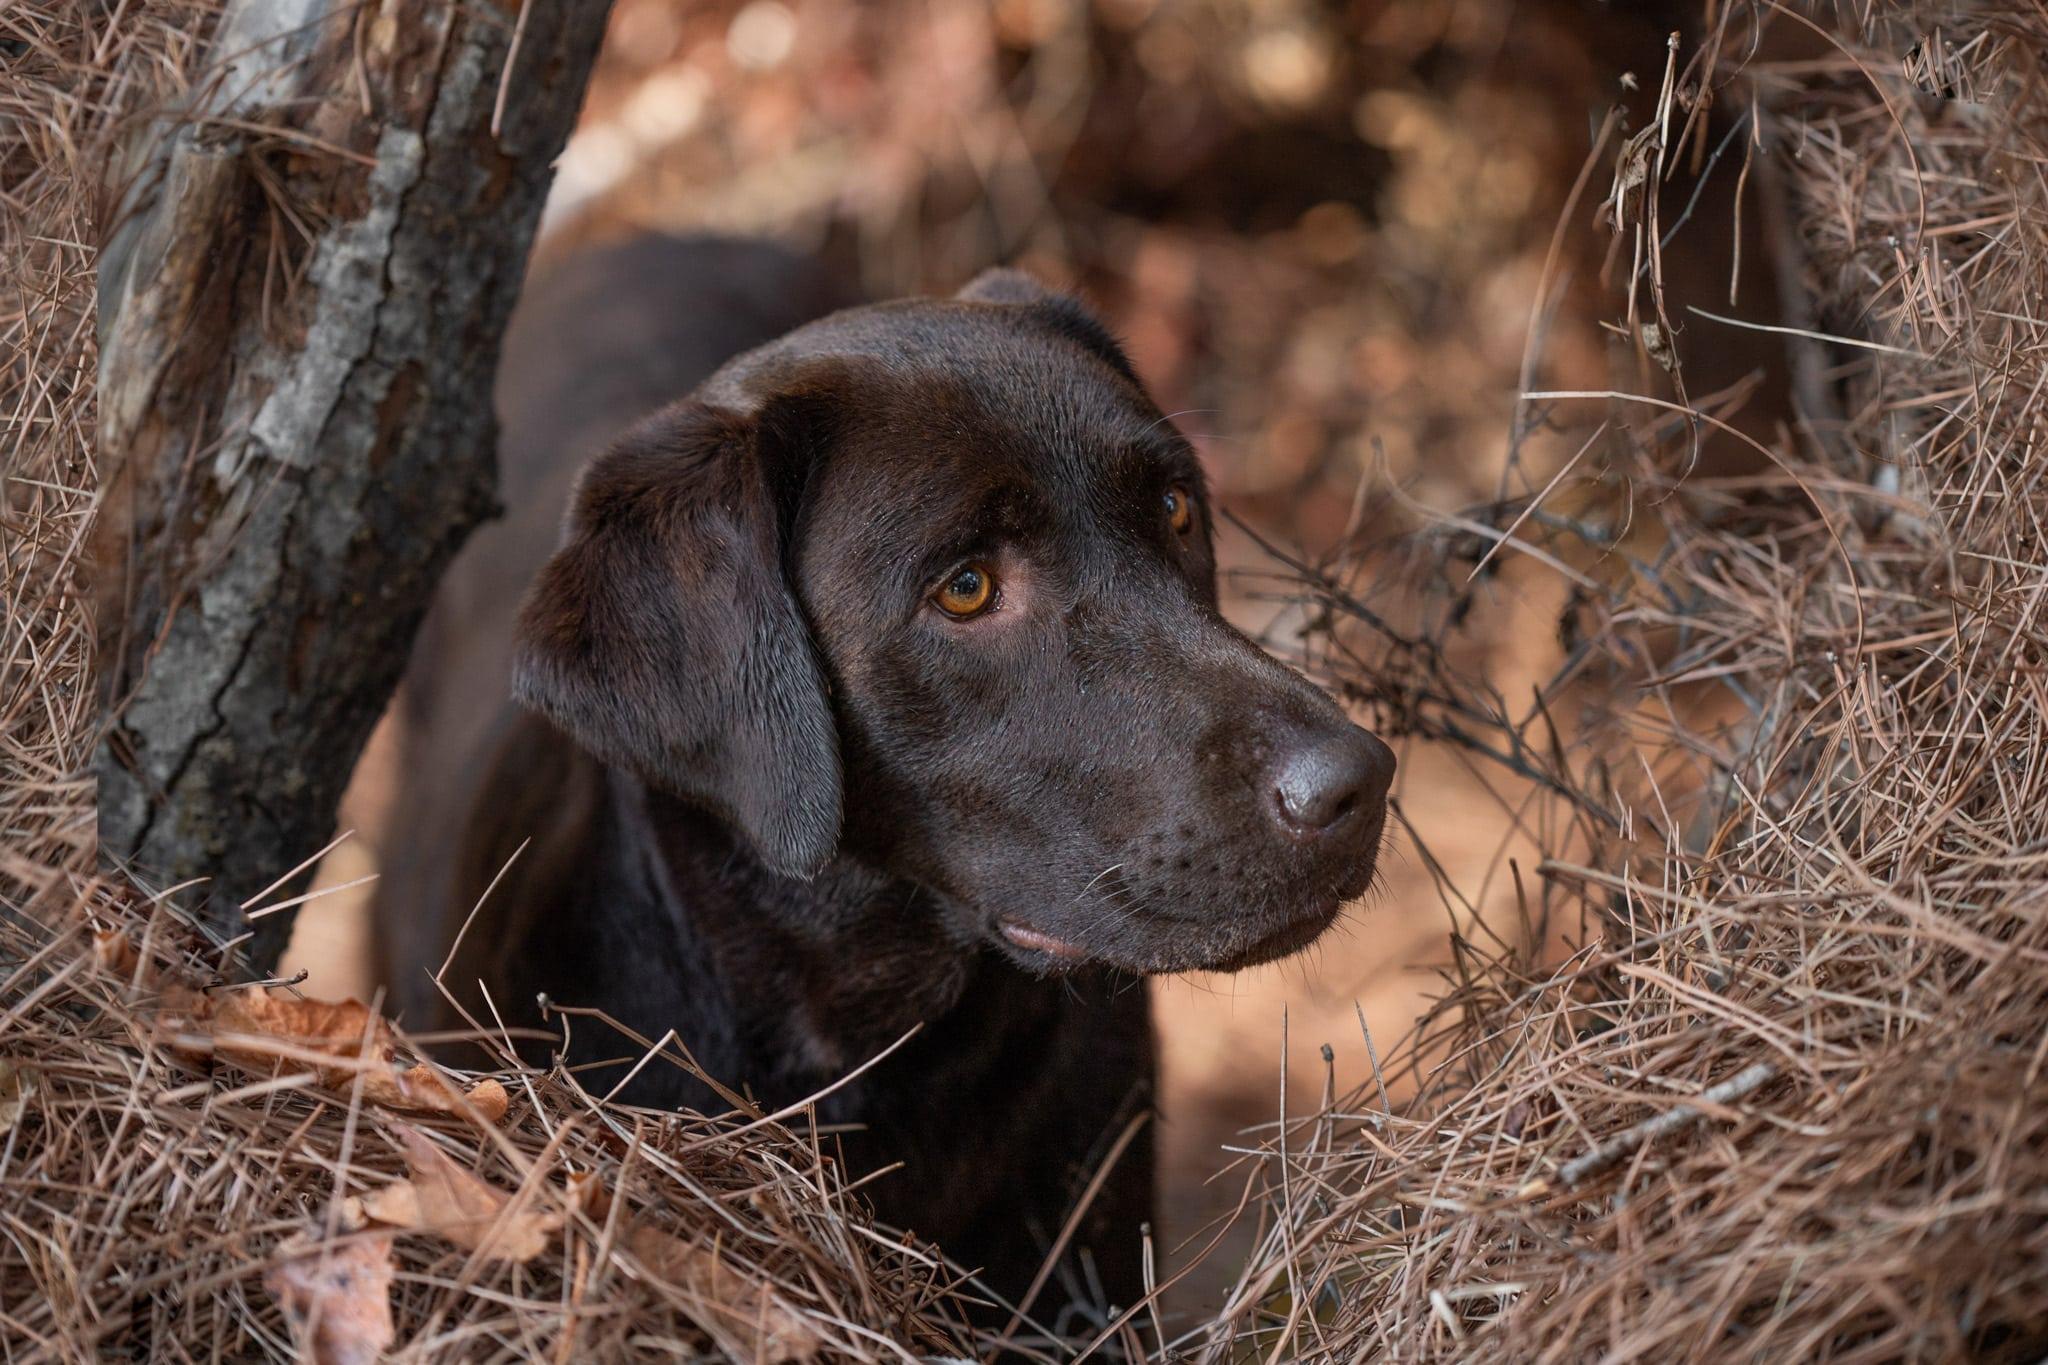 séance photo animalière avec un chien à Roquebrune sur Argens